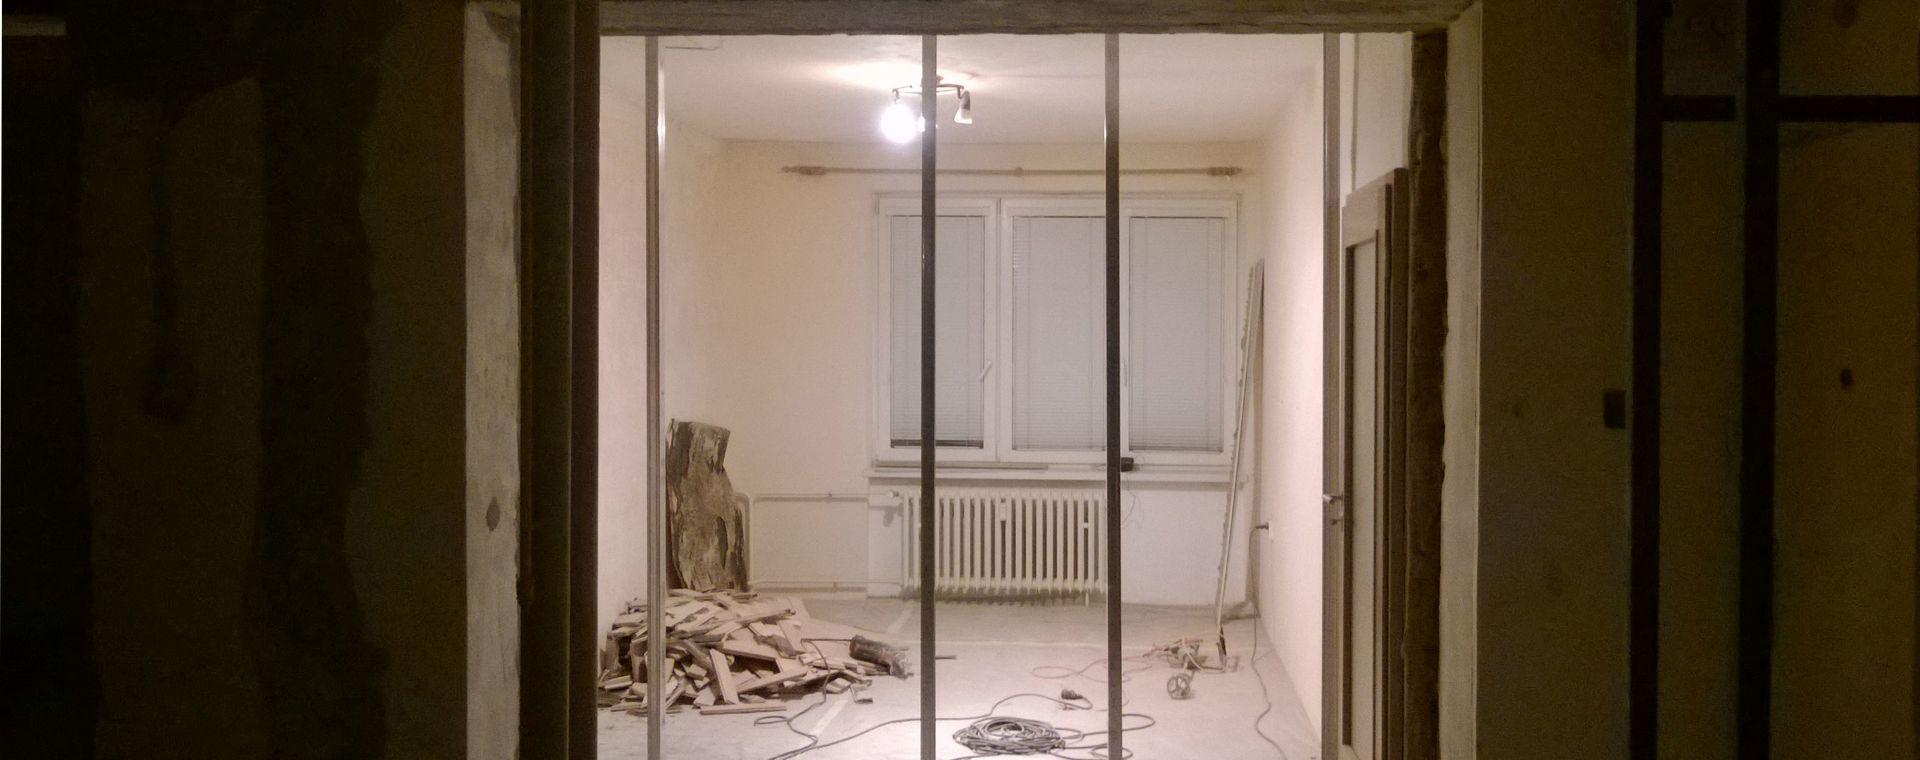 Propojení dvou bytových jednotek 2+1, Žďár nad Sázavou, 2014, CZ